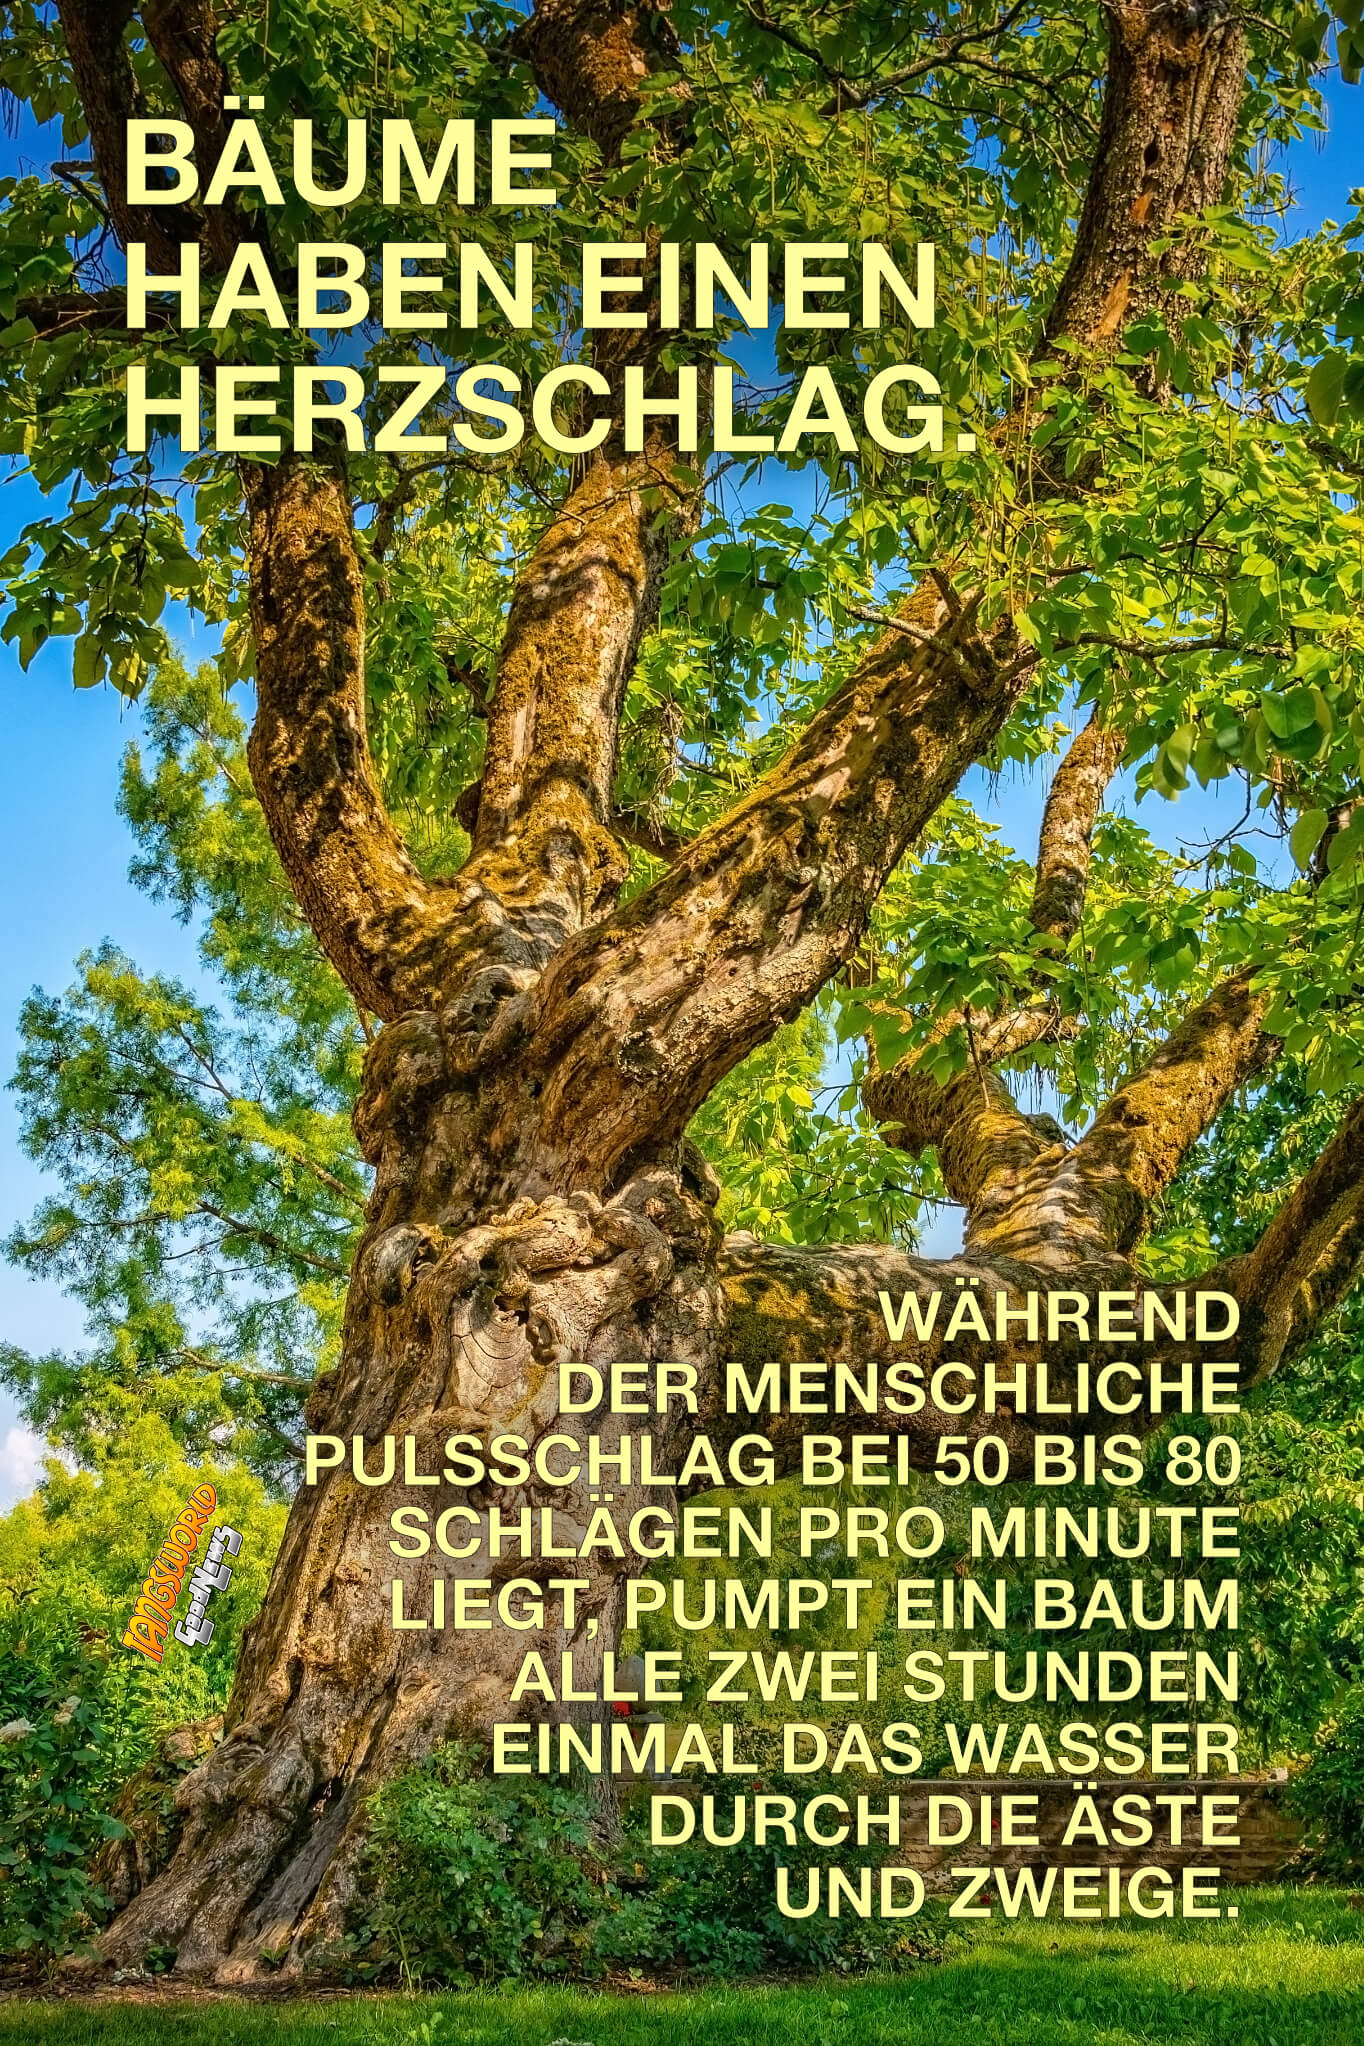 Bäume haben einen Herzschlag. Während der menschliche Pulsschlag bei 50 bis 80 Schlägen pro Minute liegt, pumpt ein Baum alle zwei Stunden einmal das Wasser durch die Äste und Zweige. - GoodNews